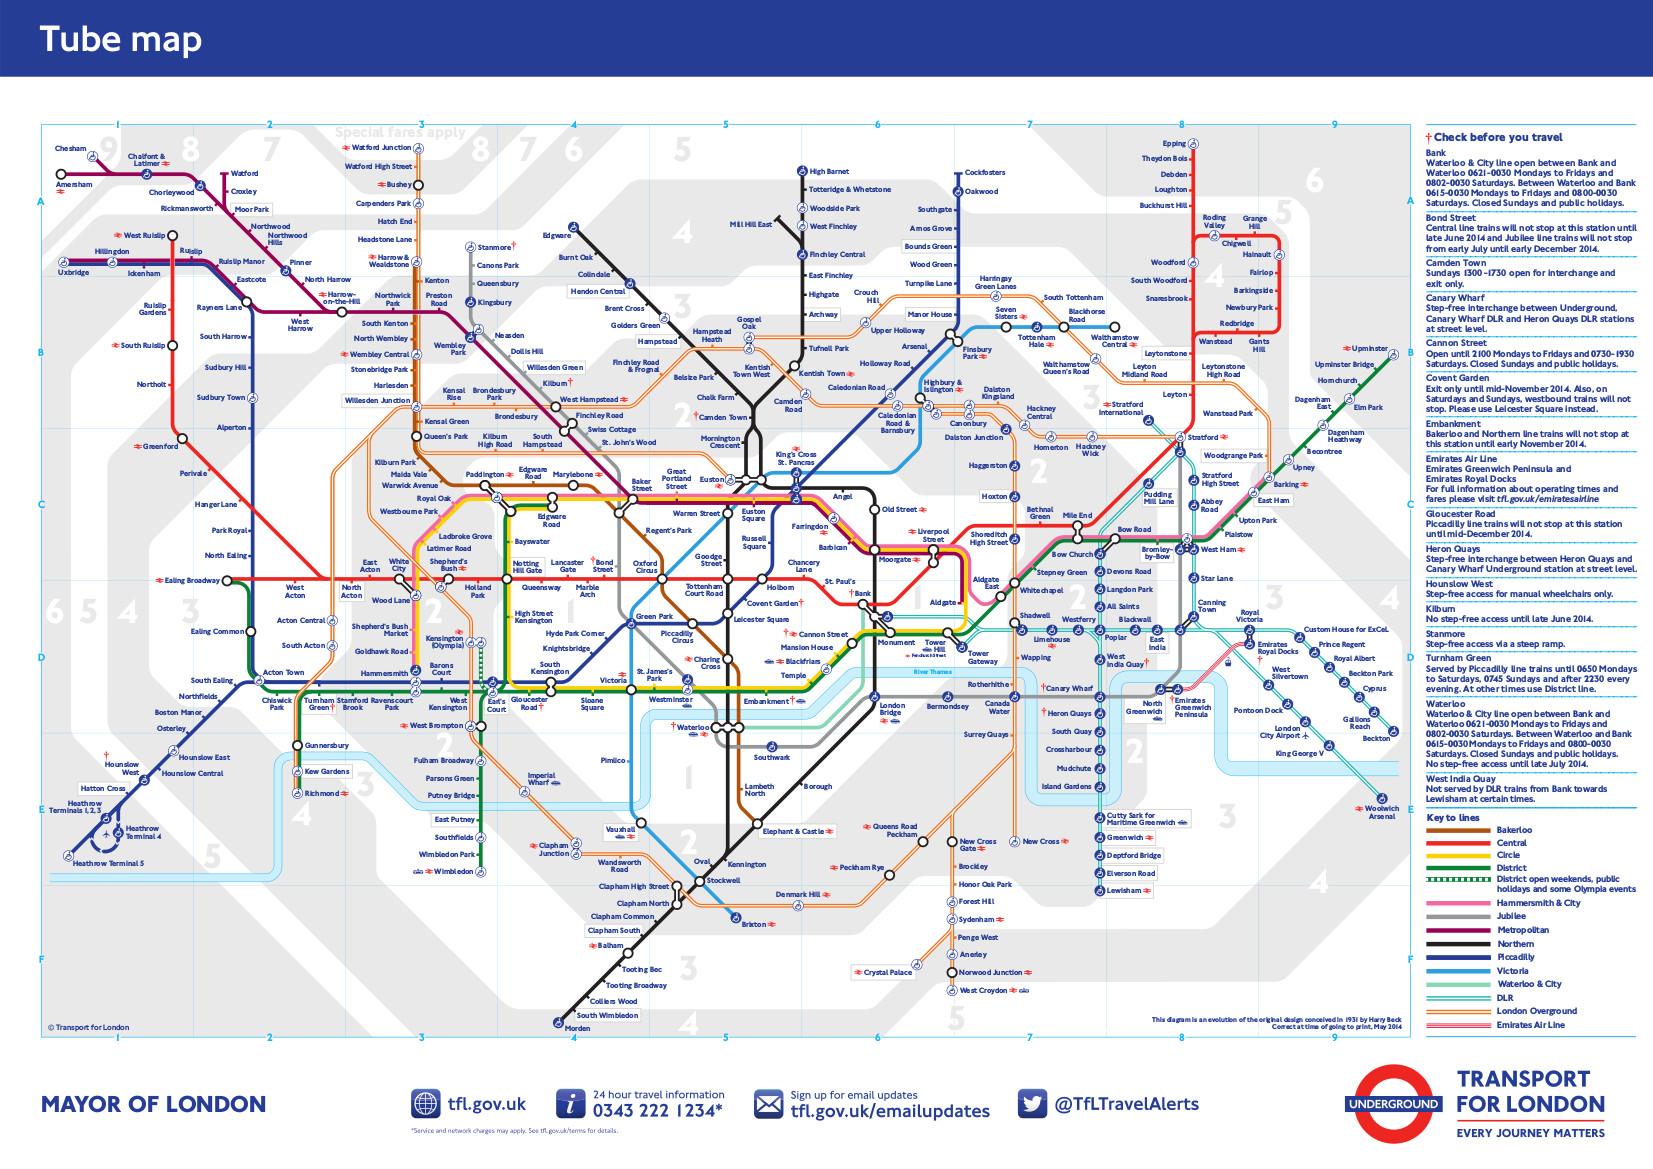 londres mapa metro Información básica del metro de Londres.  Metro de Londres | mapa  londres mapa metro